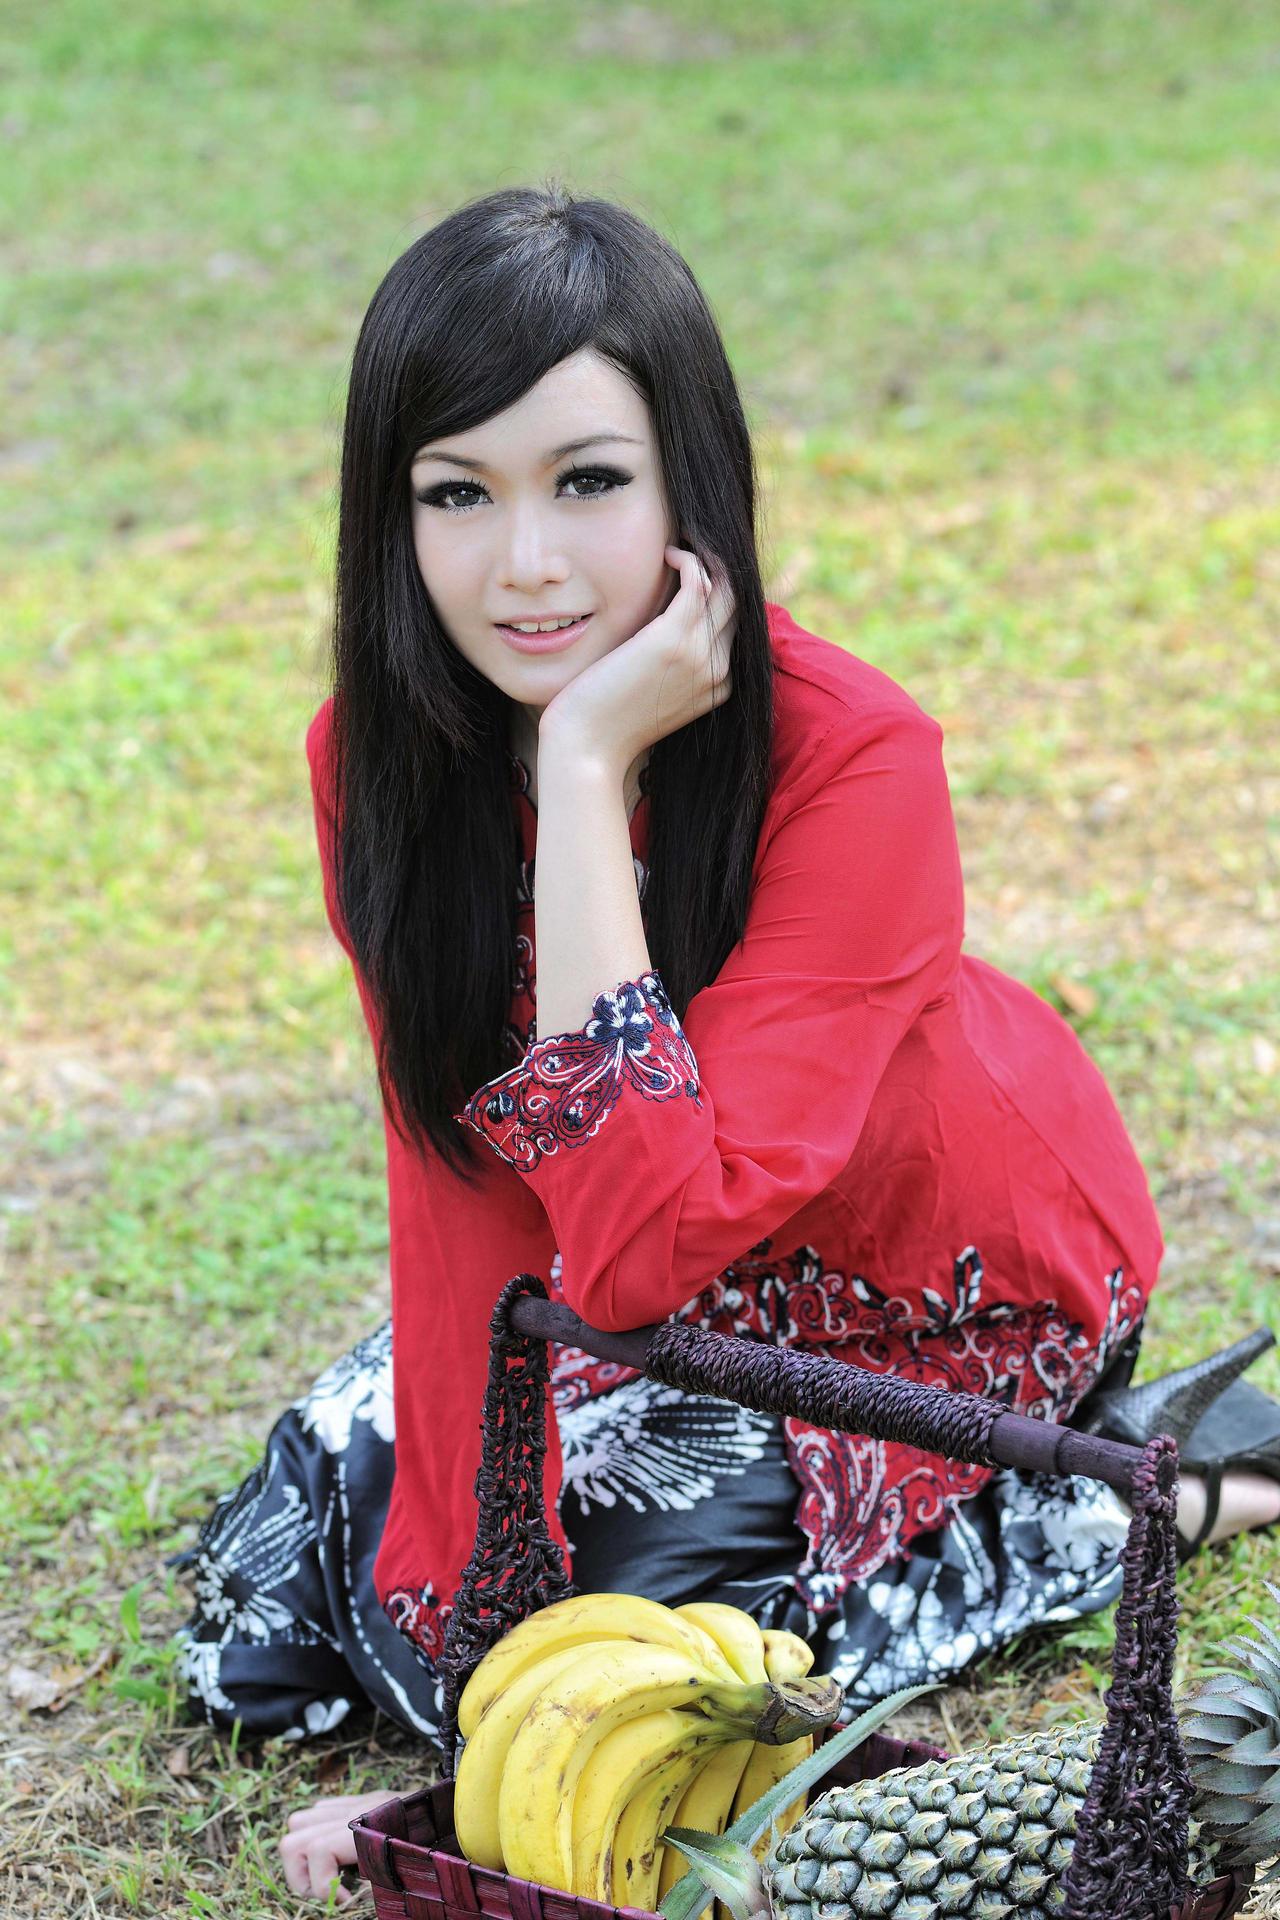 Malaysia Chinese Girl - 3 by SAMLIM